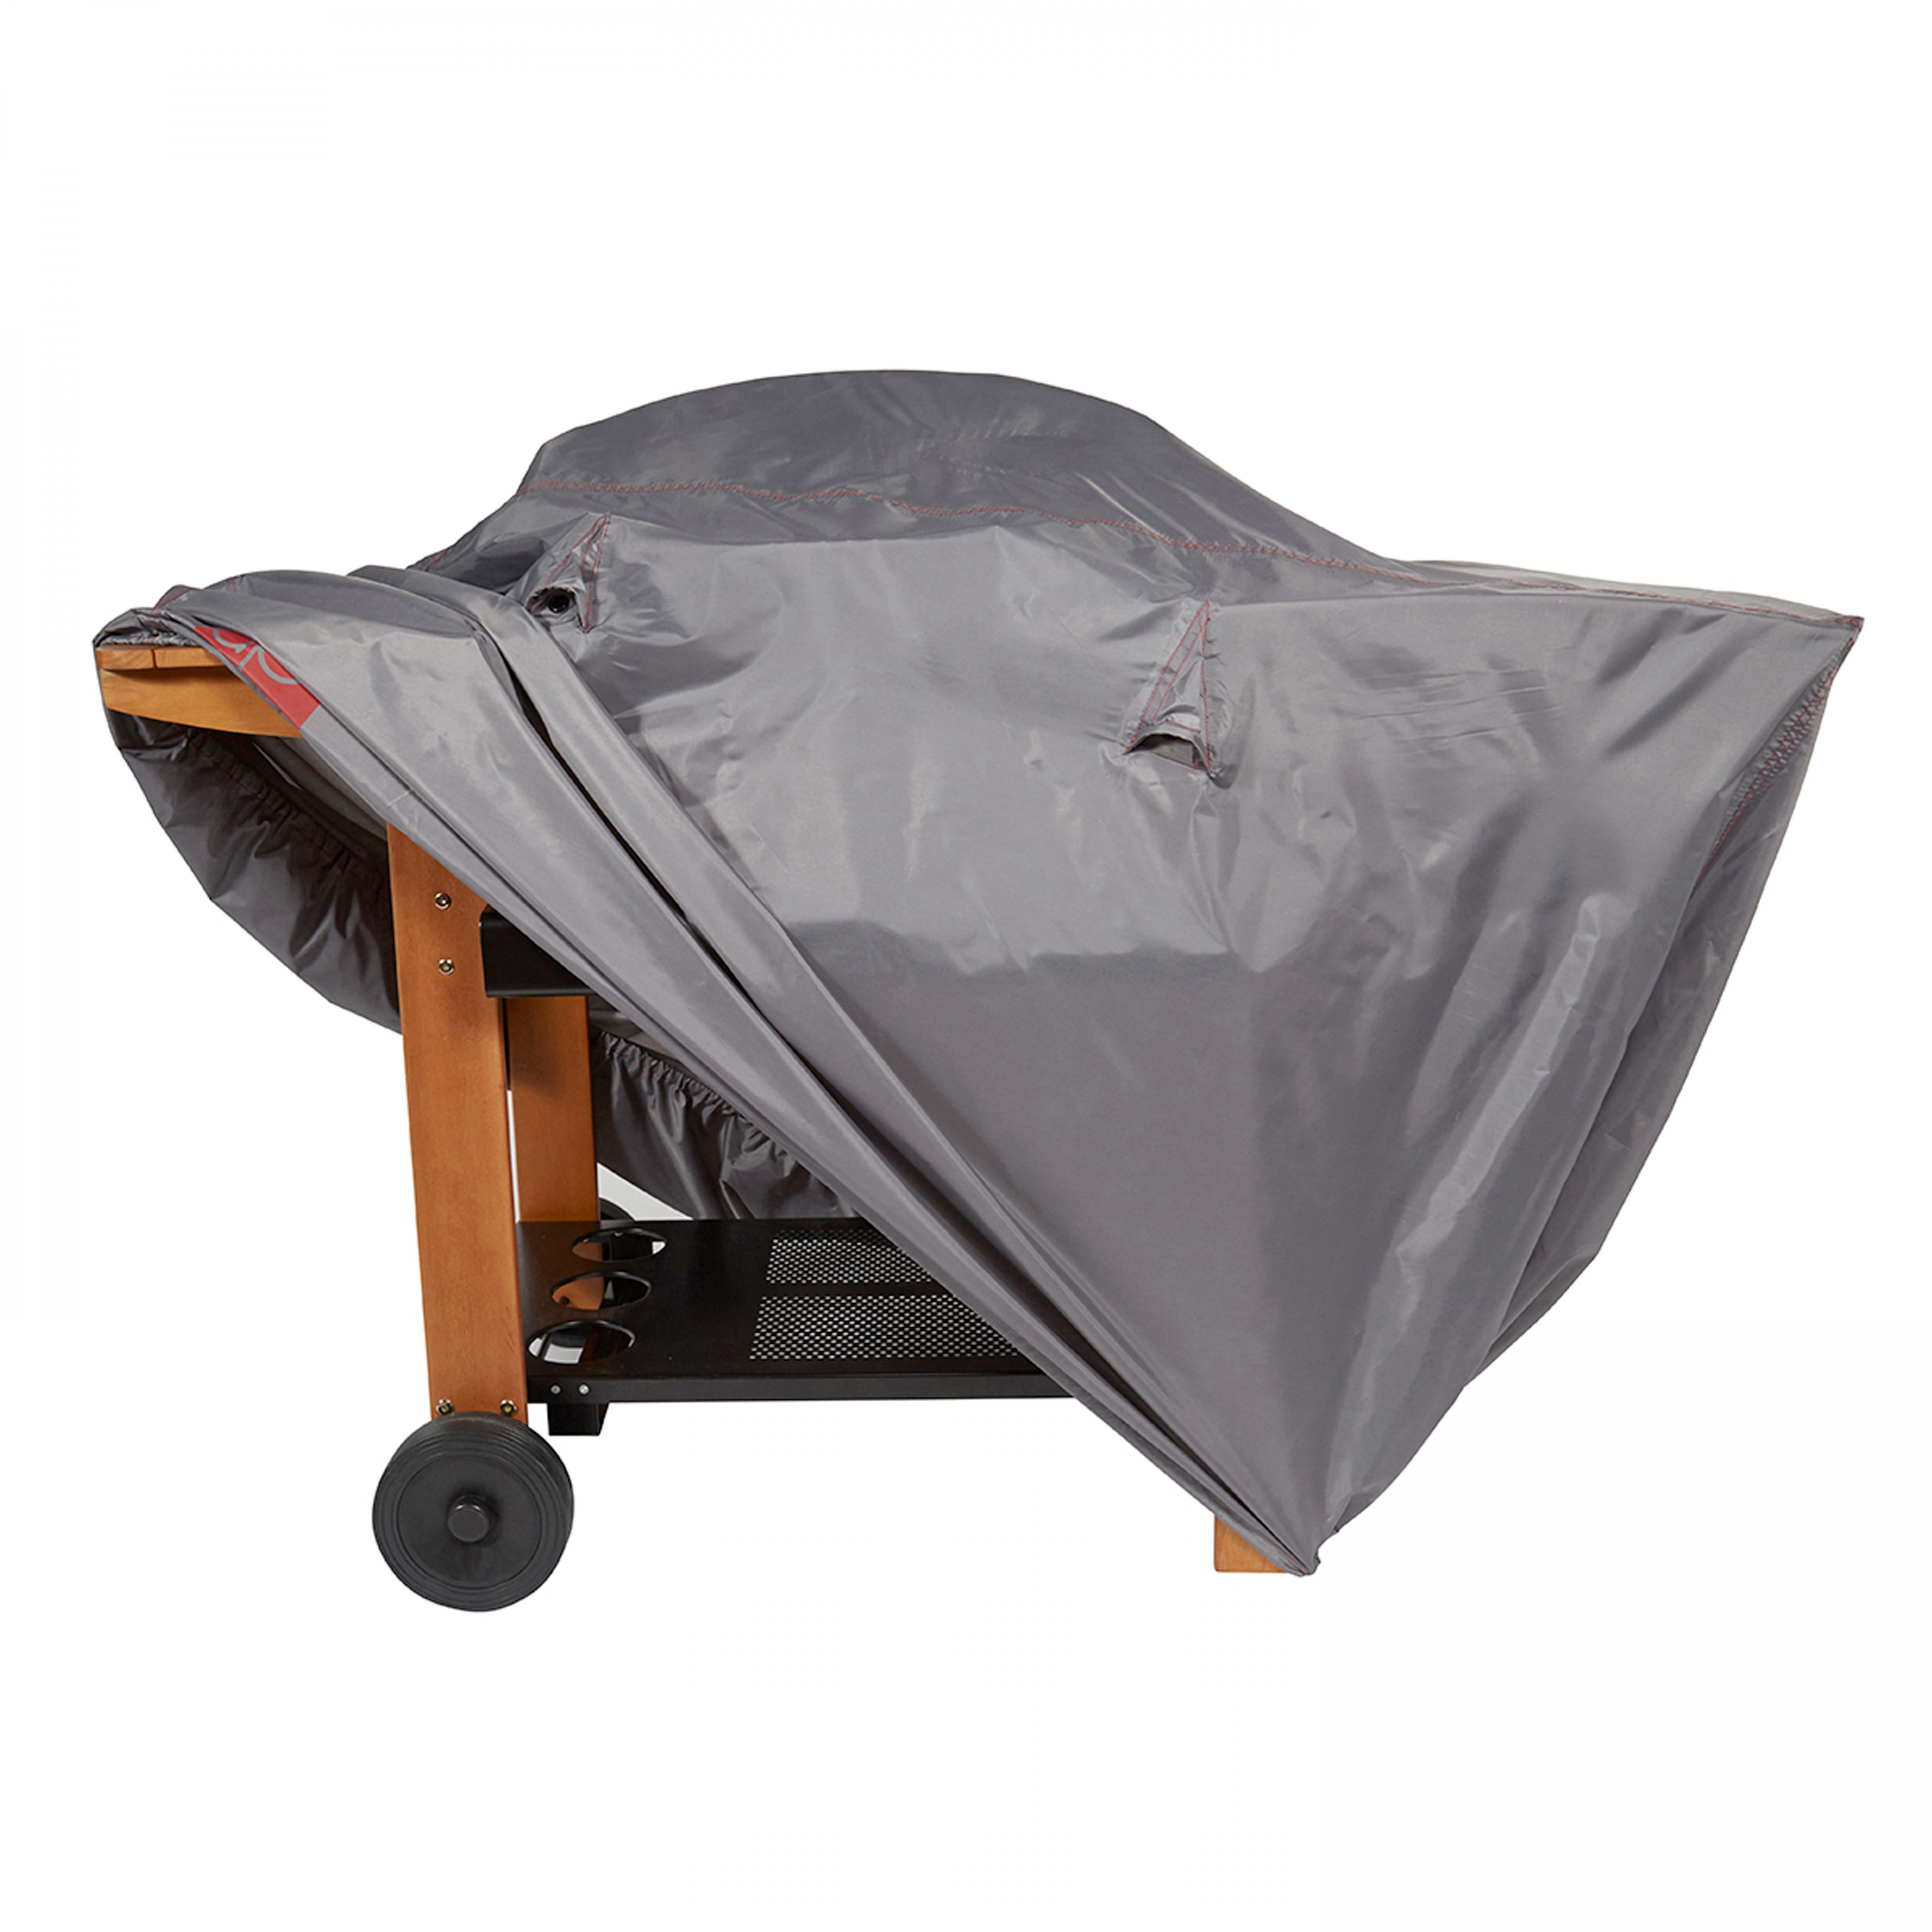 Housse de protection pour barbecue MAXI 170 x 100 cm, Cov'Up